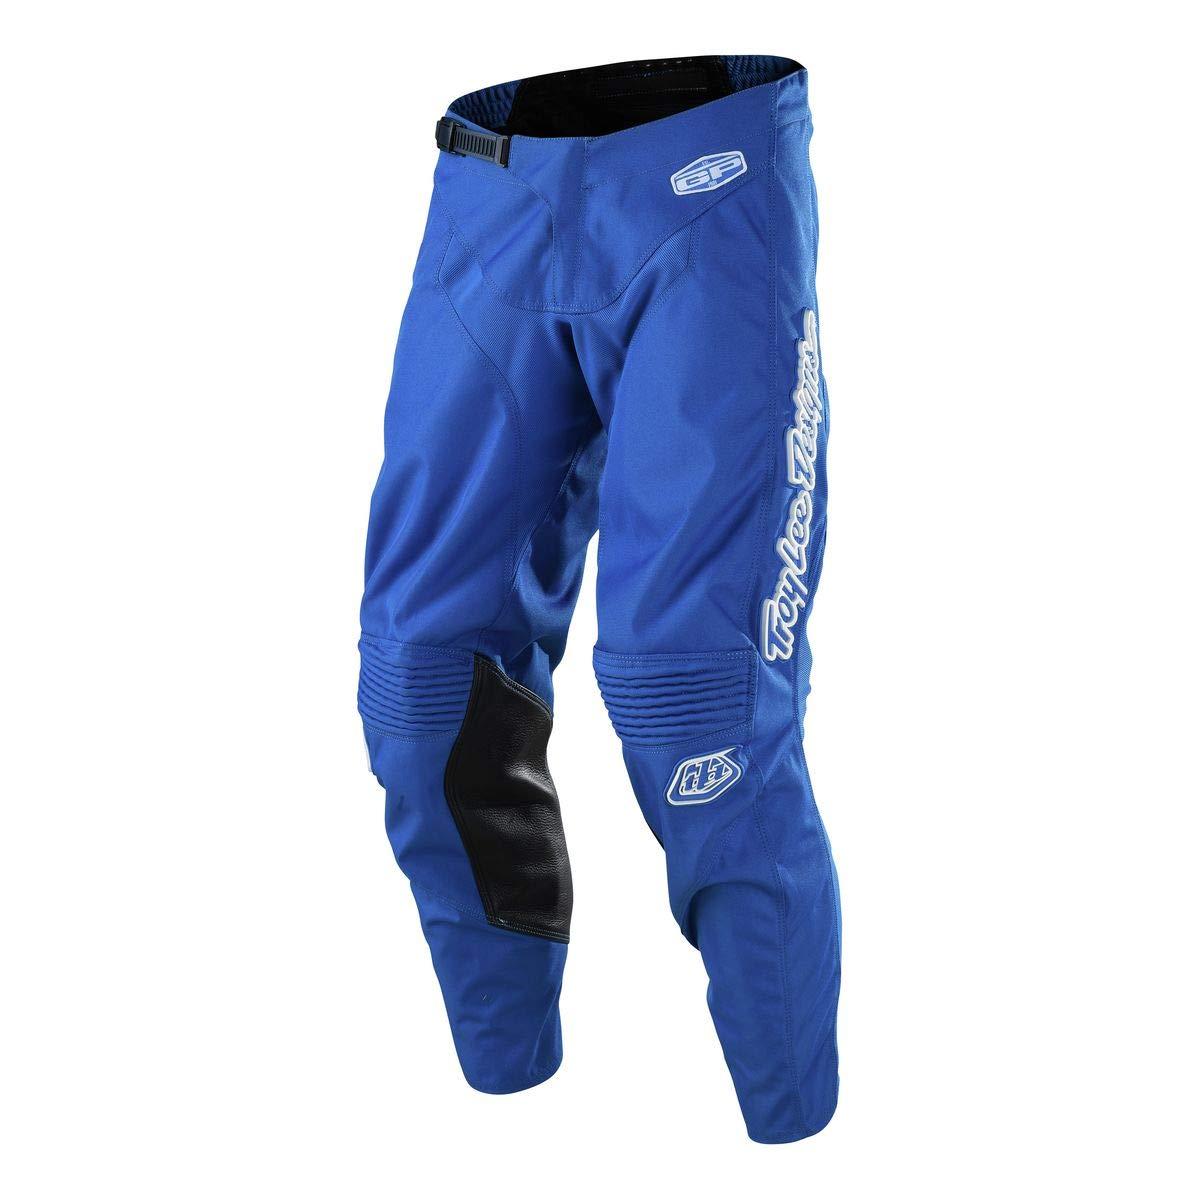 28 Mono Troy Lee Designs 2019 GP Pants Black